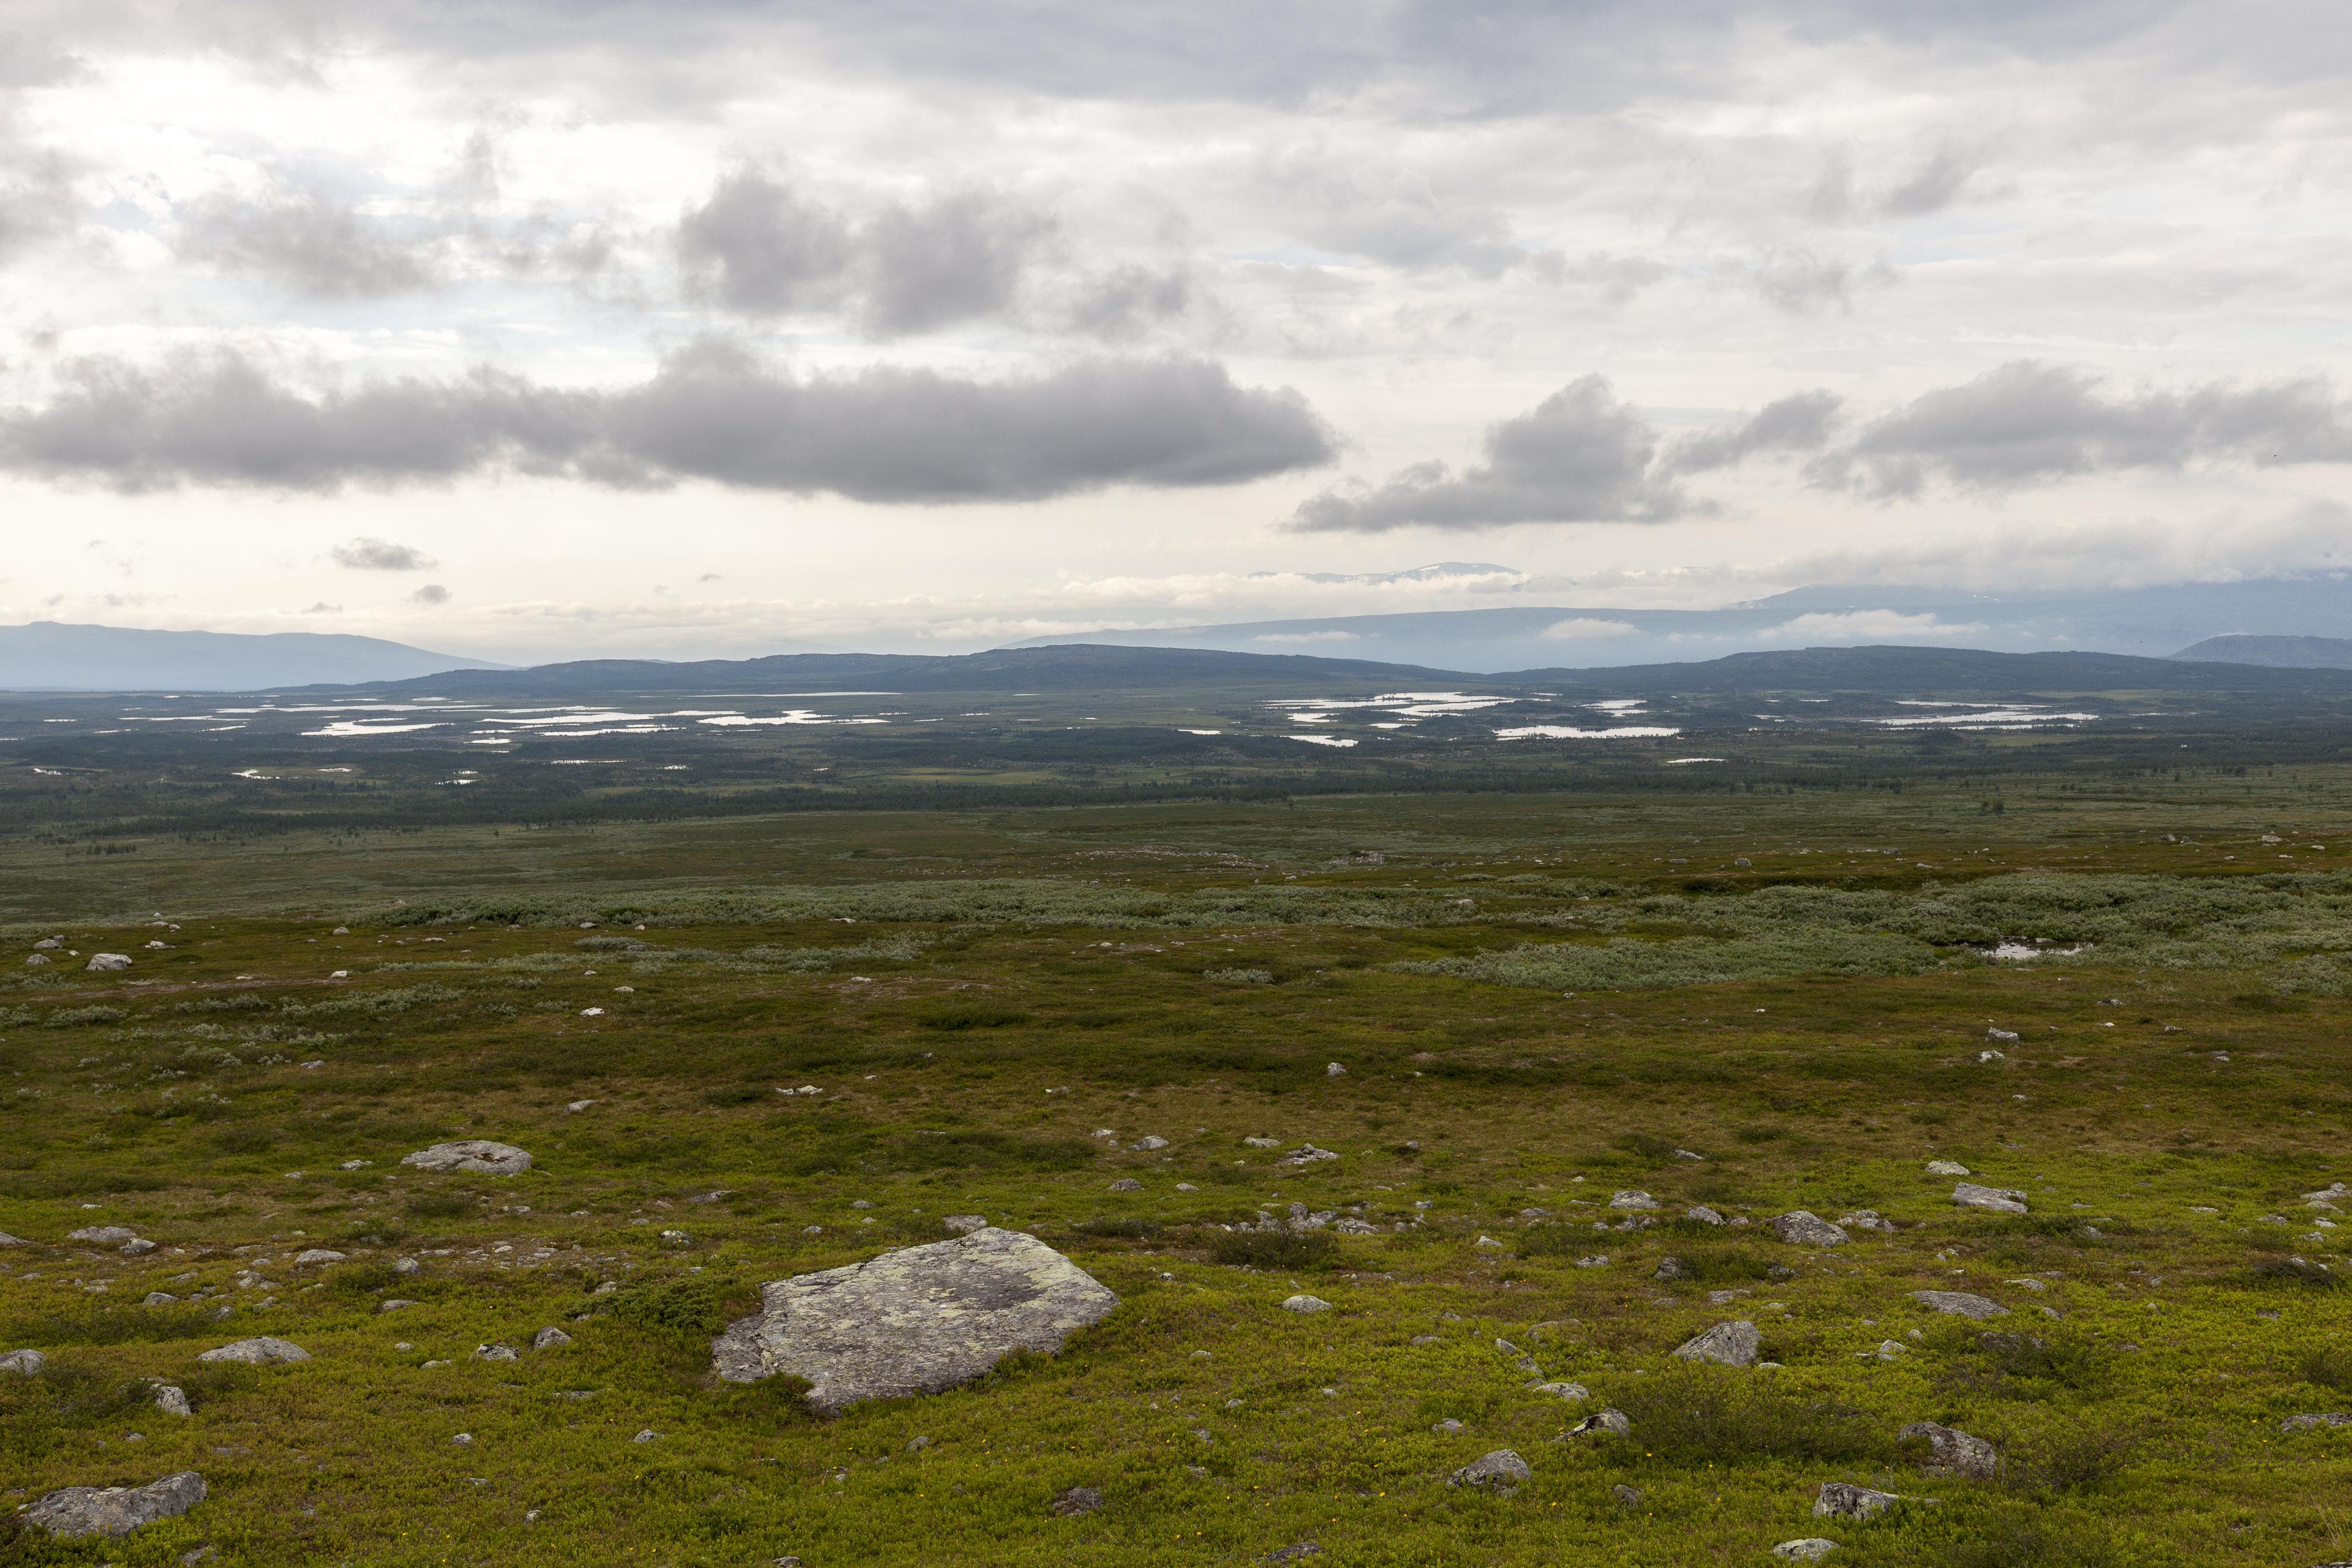 Blick nach Süden über die Pårek Hochebene mit ihren charakteristischen Seen,©Markus Proske—Canon EOS 5D Mark II, EF16-35mm f/4L IS USM, 35mm, 1/125s, Blende 8, ISO 200